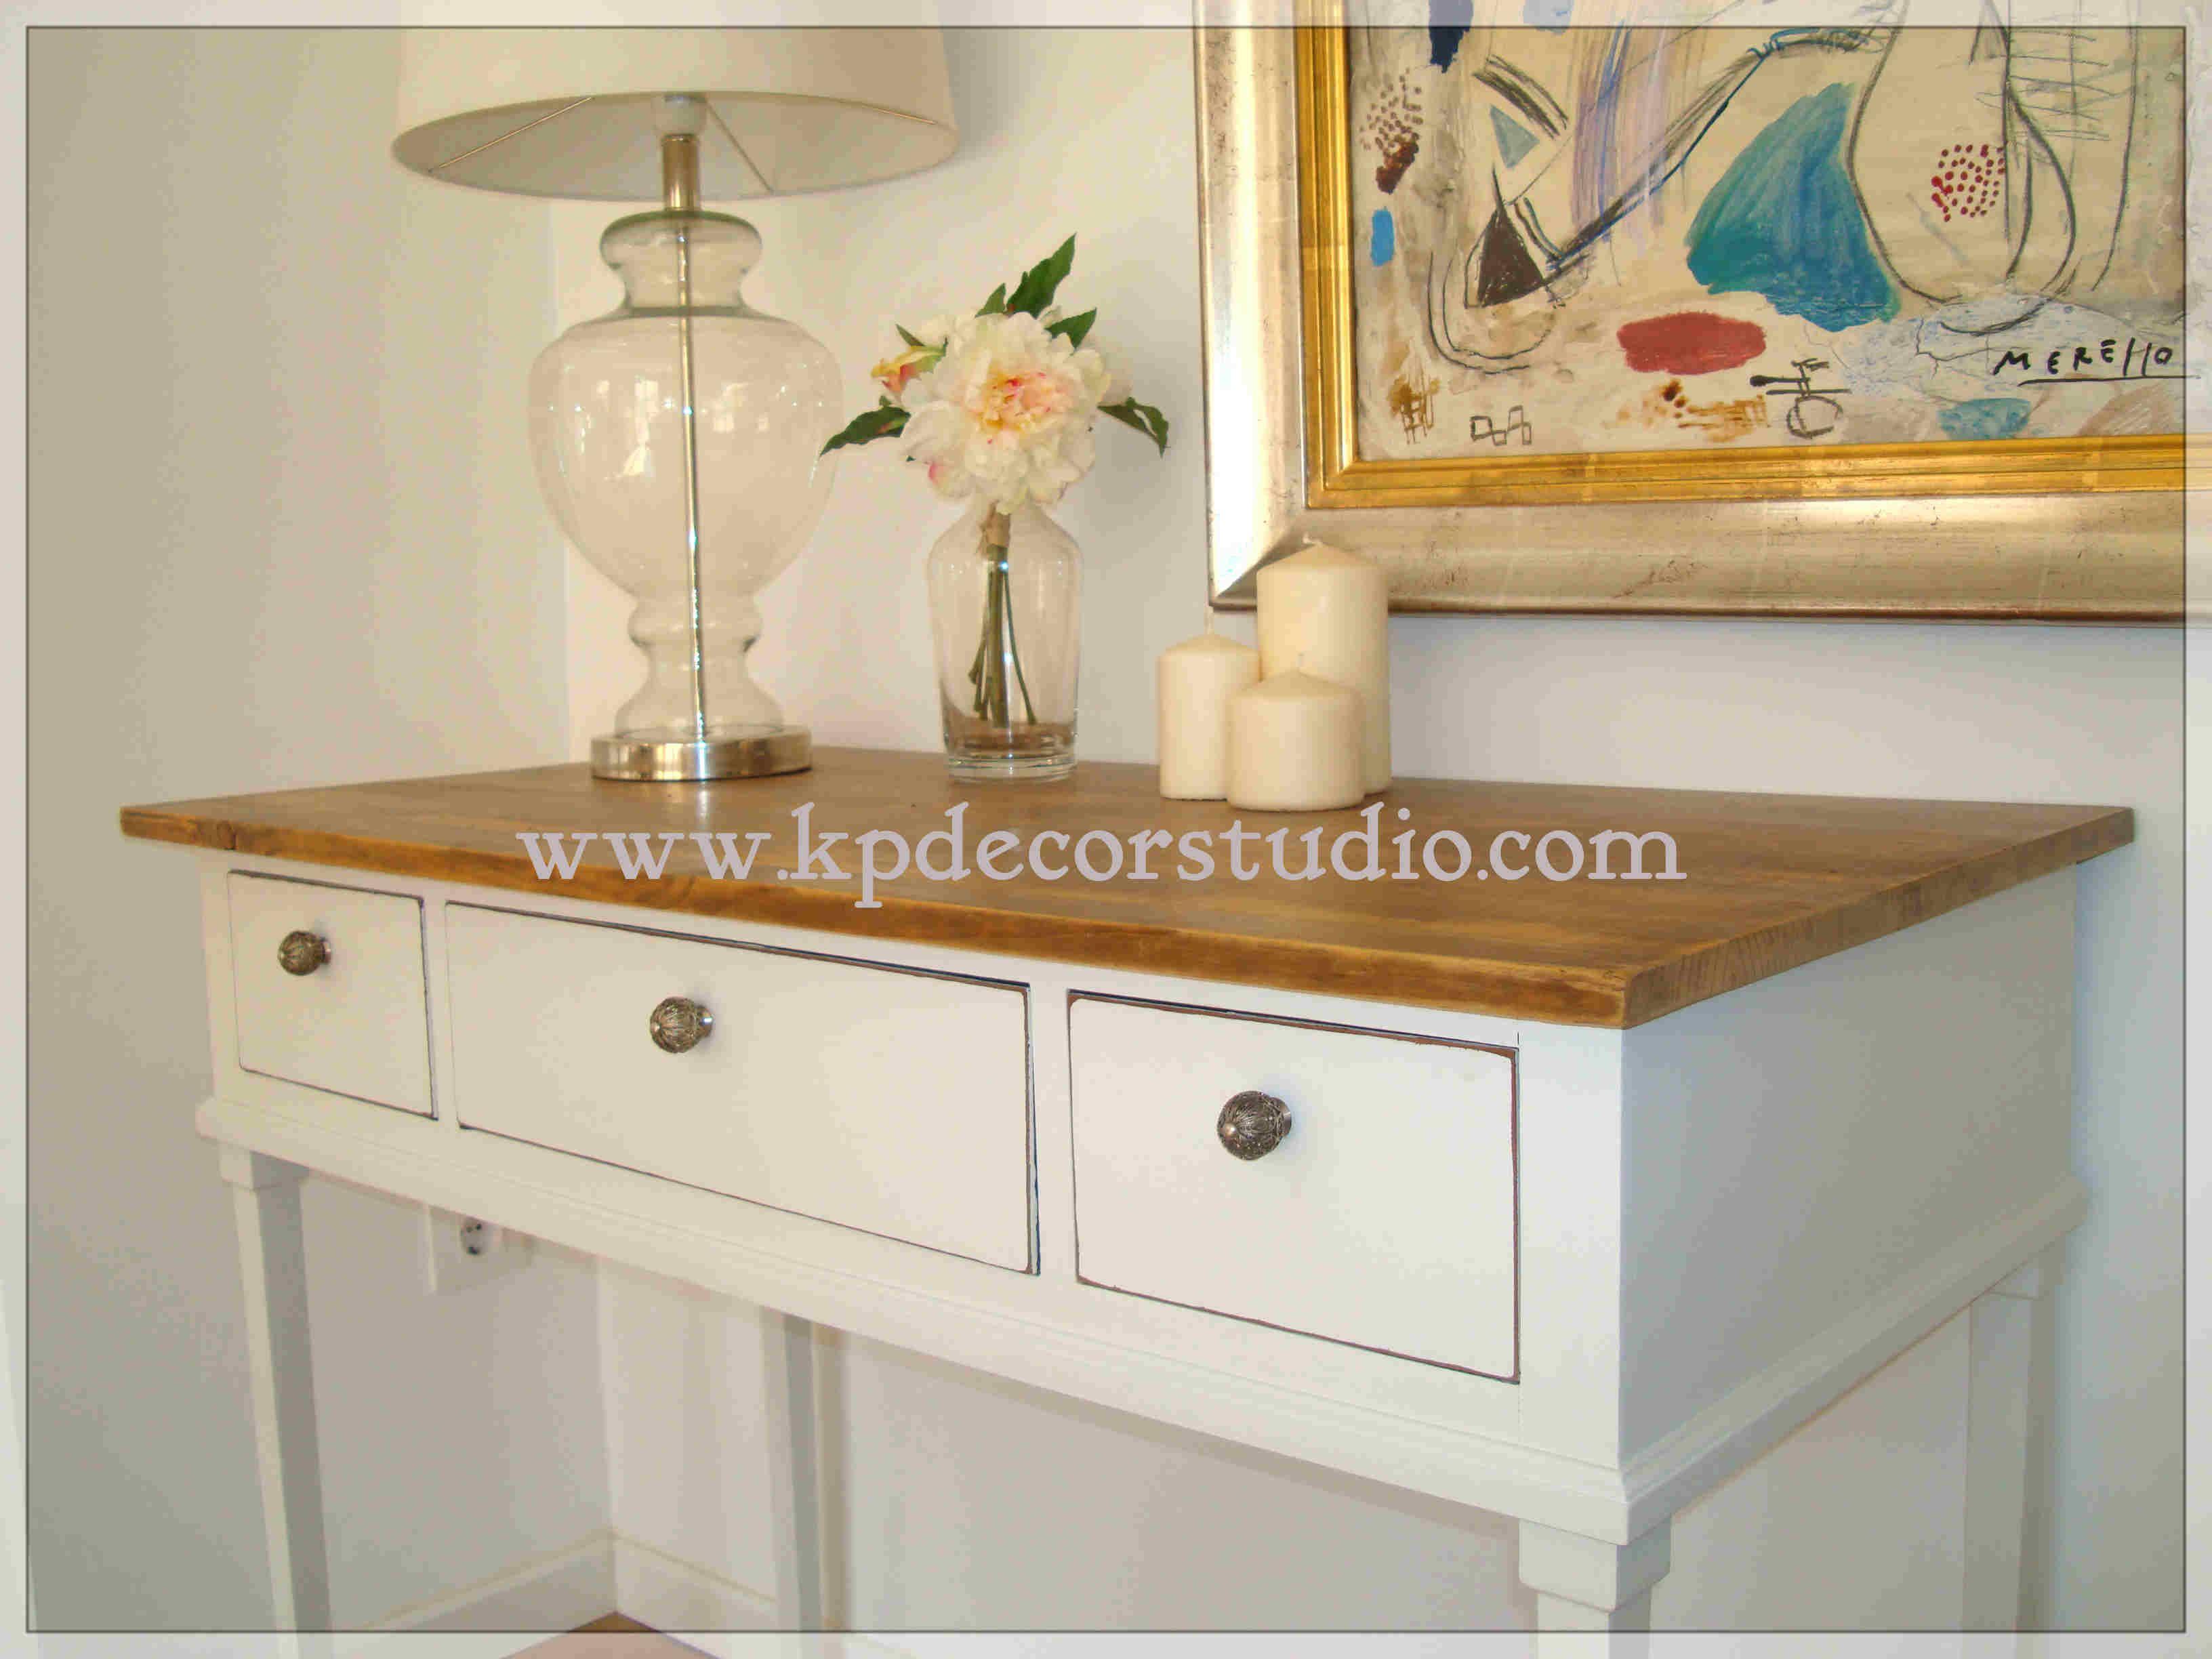 Kpdecorstudio venta y restauraci n de muebles decoracion - Muebles decoracion vintage ...